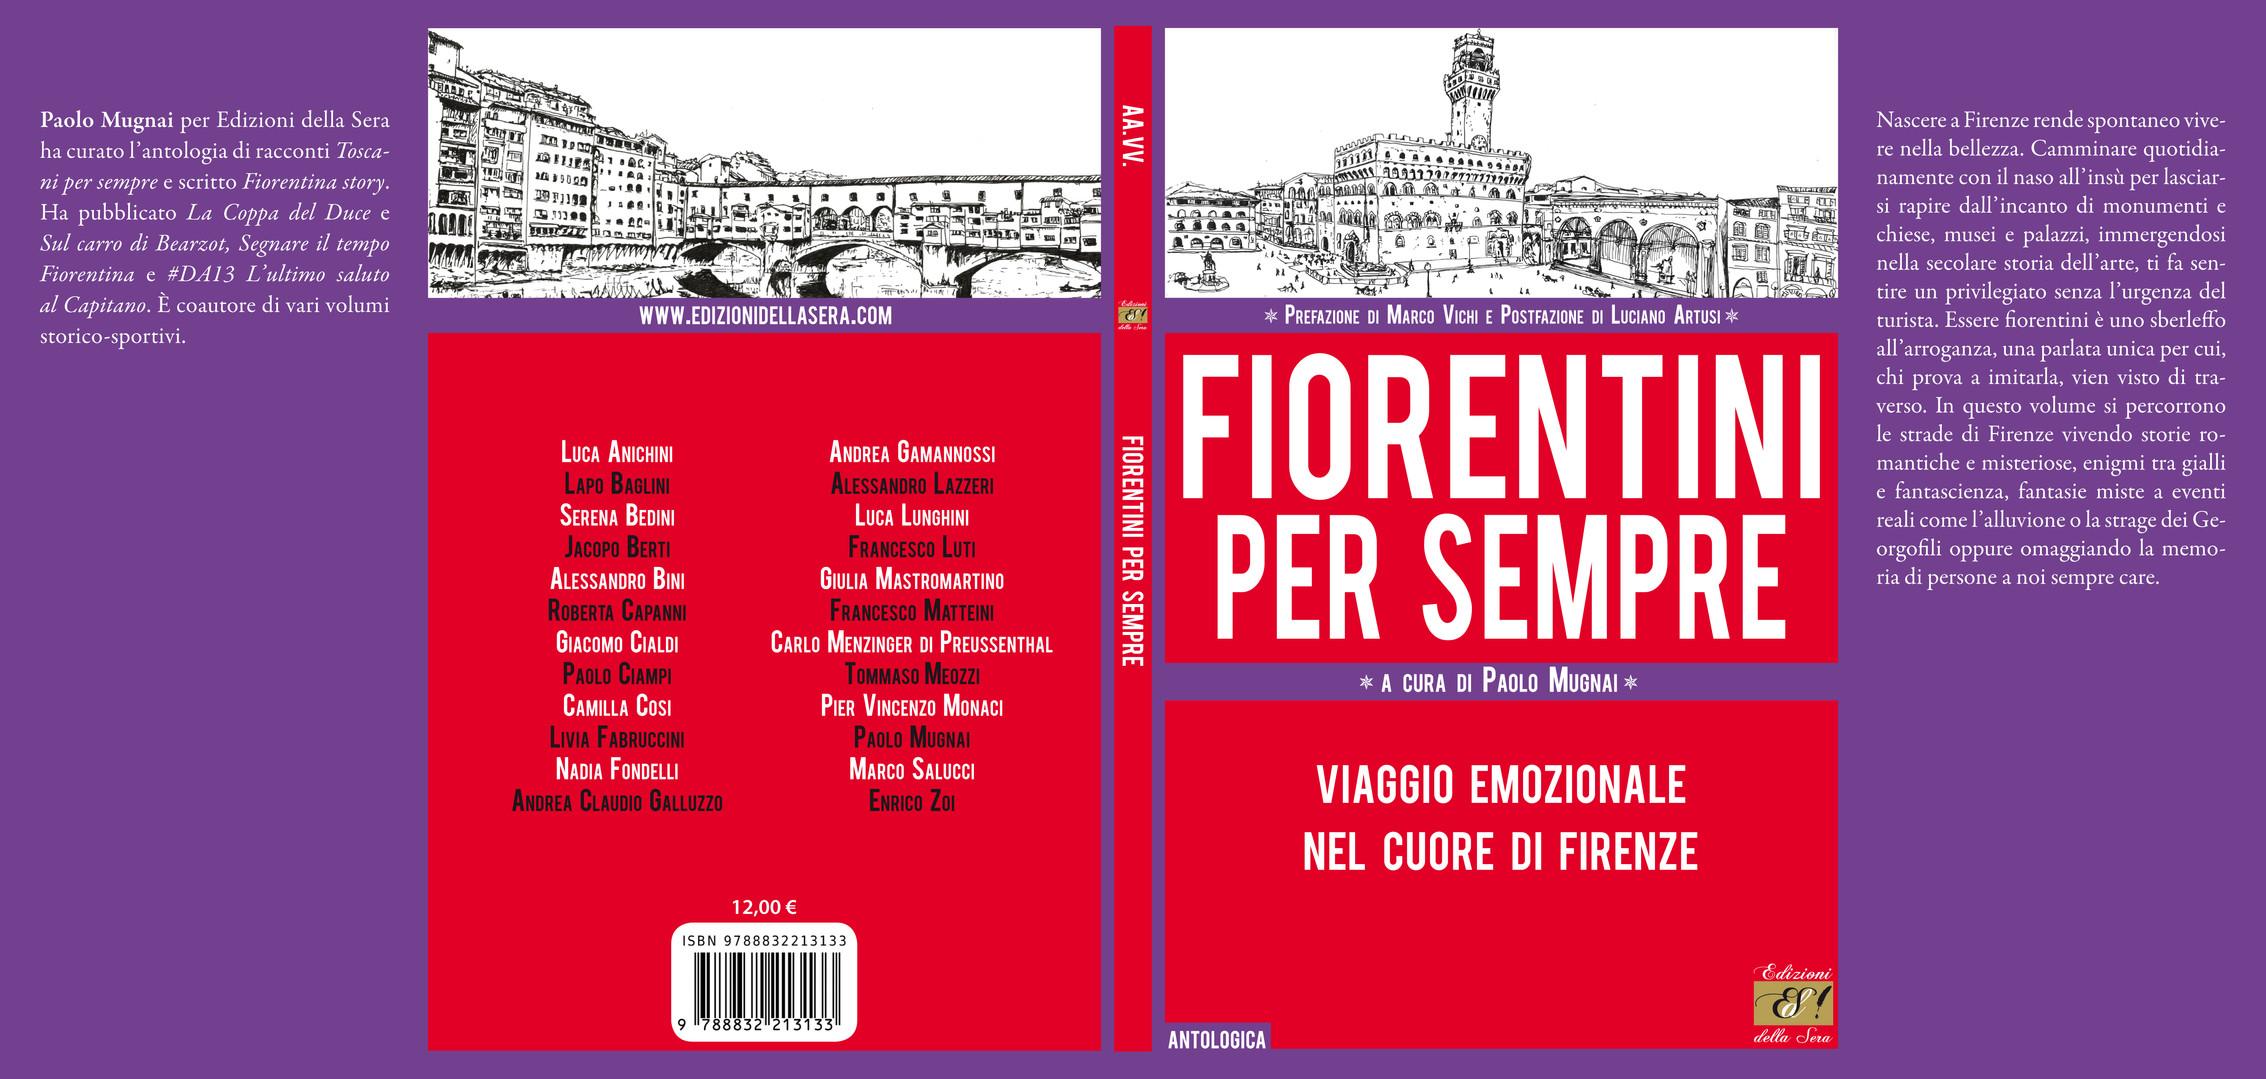 Cop Fiorentini per sempre.jpg